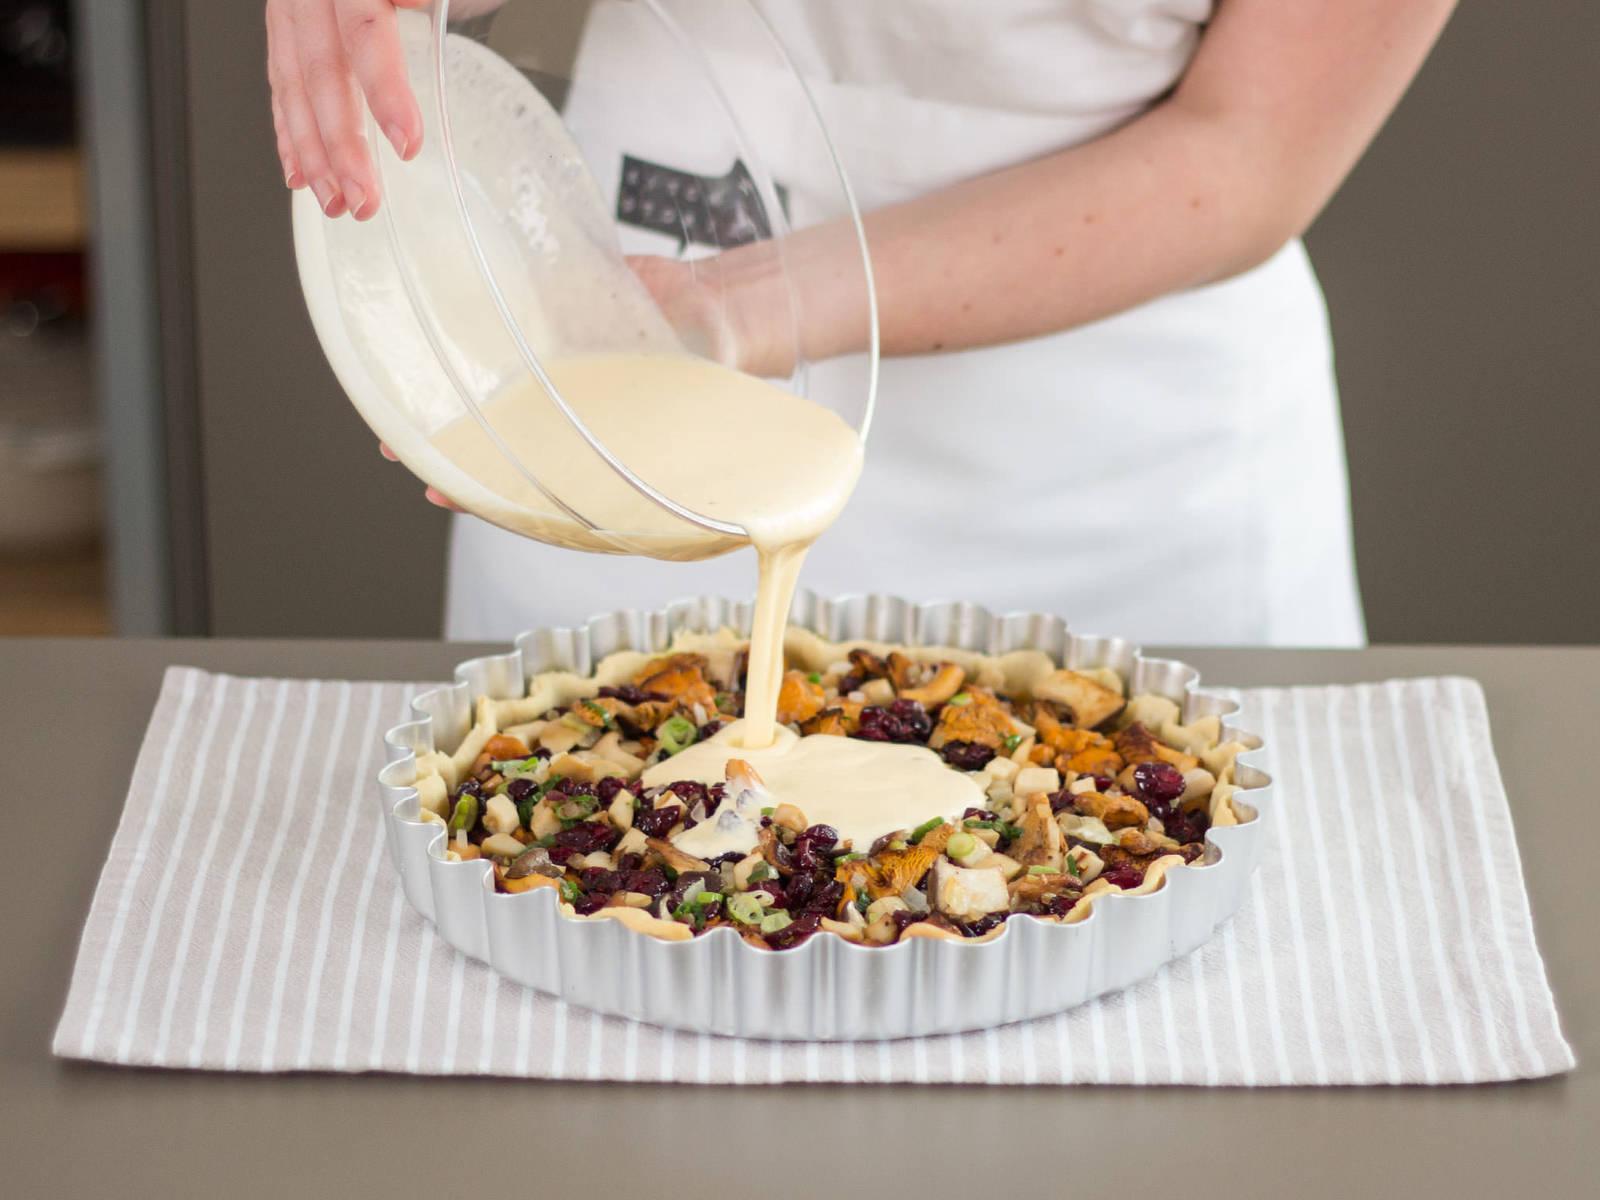 取出烤珠和烘焙纸,在面饼中填入蘑菇混合物。将酸奶油淋在蘑菇上方放入已预热的烤箱中,以 180°C/350°F 的温度烤制约 35 – 40 分钟。